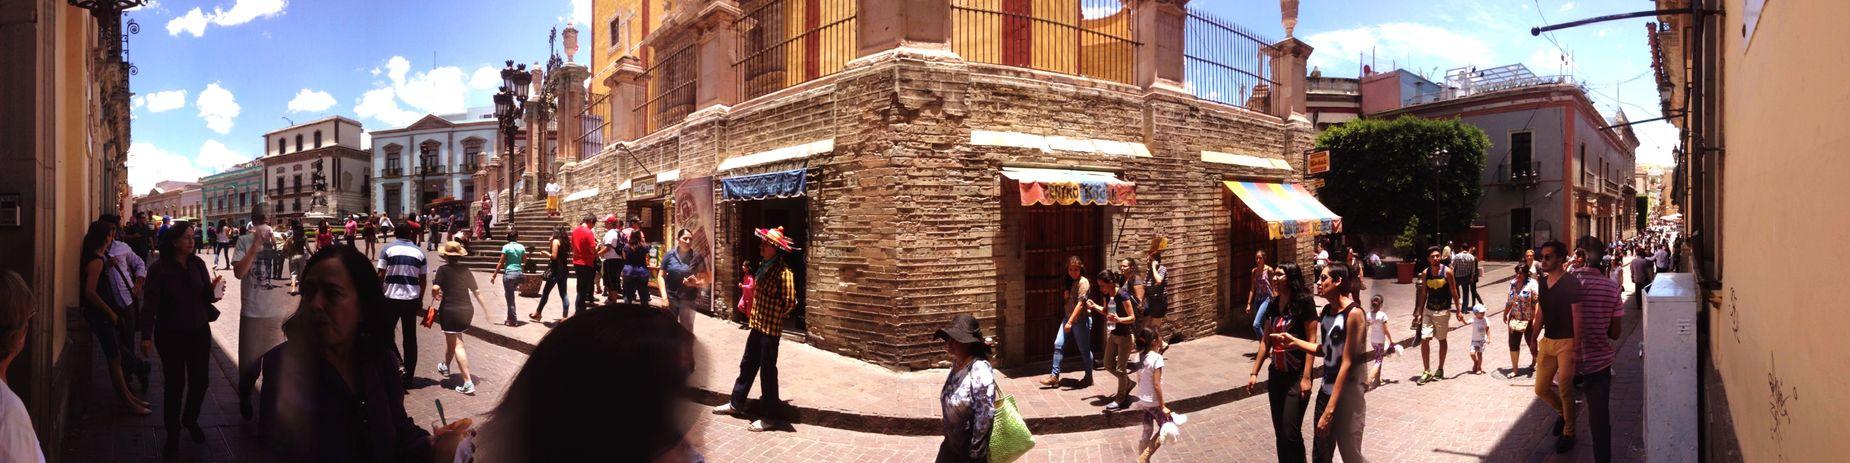 Guanajuato Panoramic Mexico Turisteando Canont3i